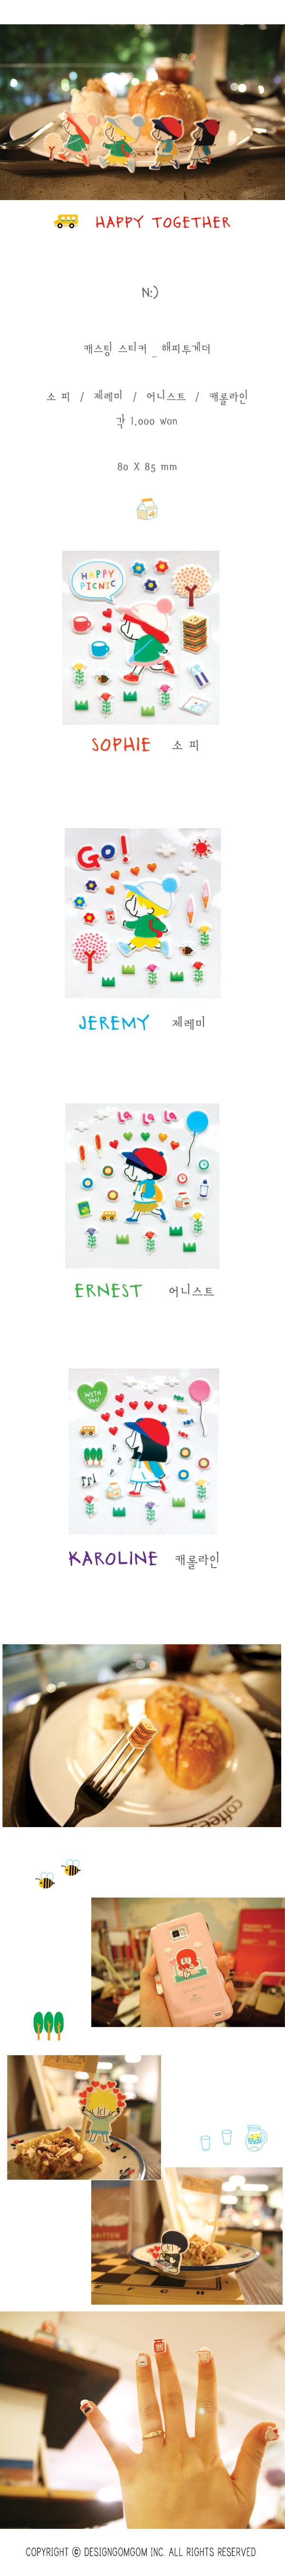 happy together JEREMY - 디자인곰곰, 1,000원, 스티커, 캐릭터스티커